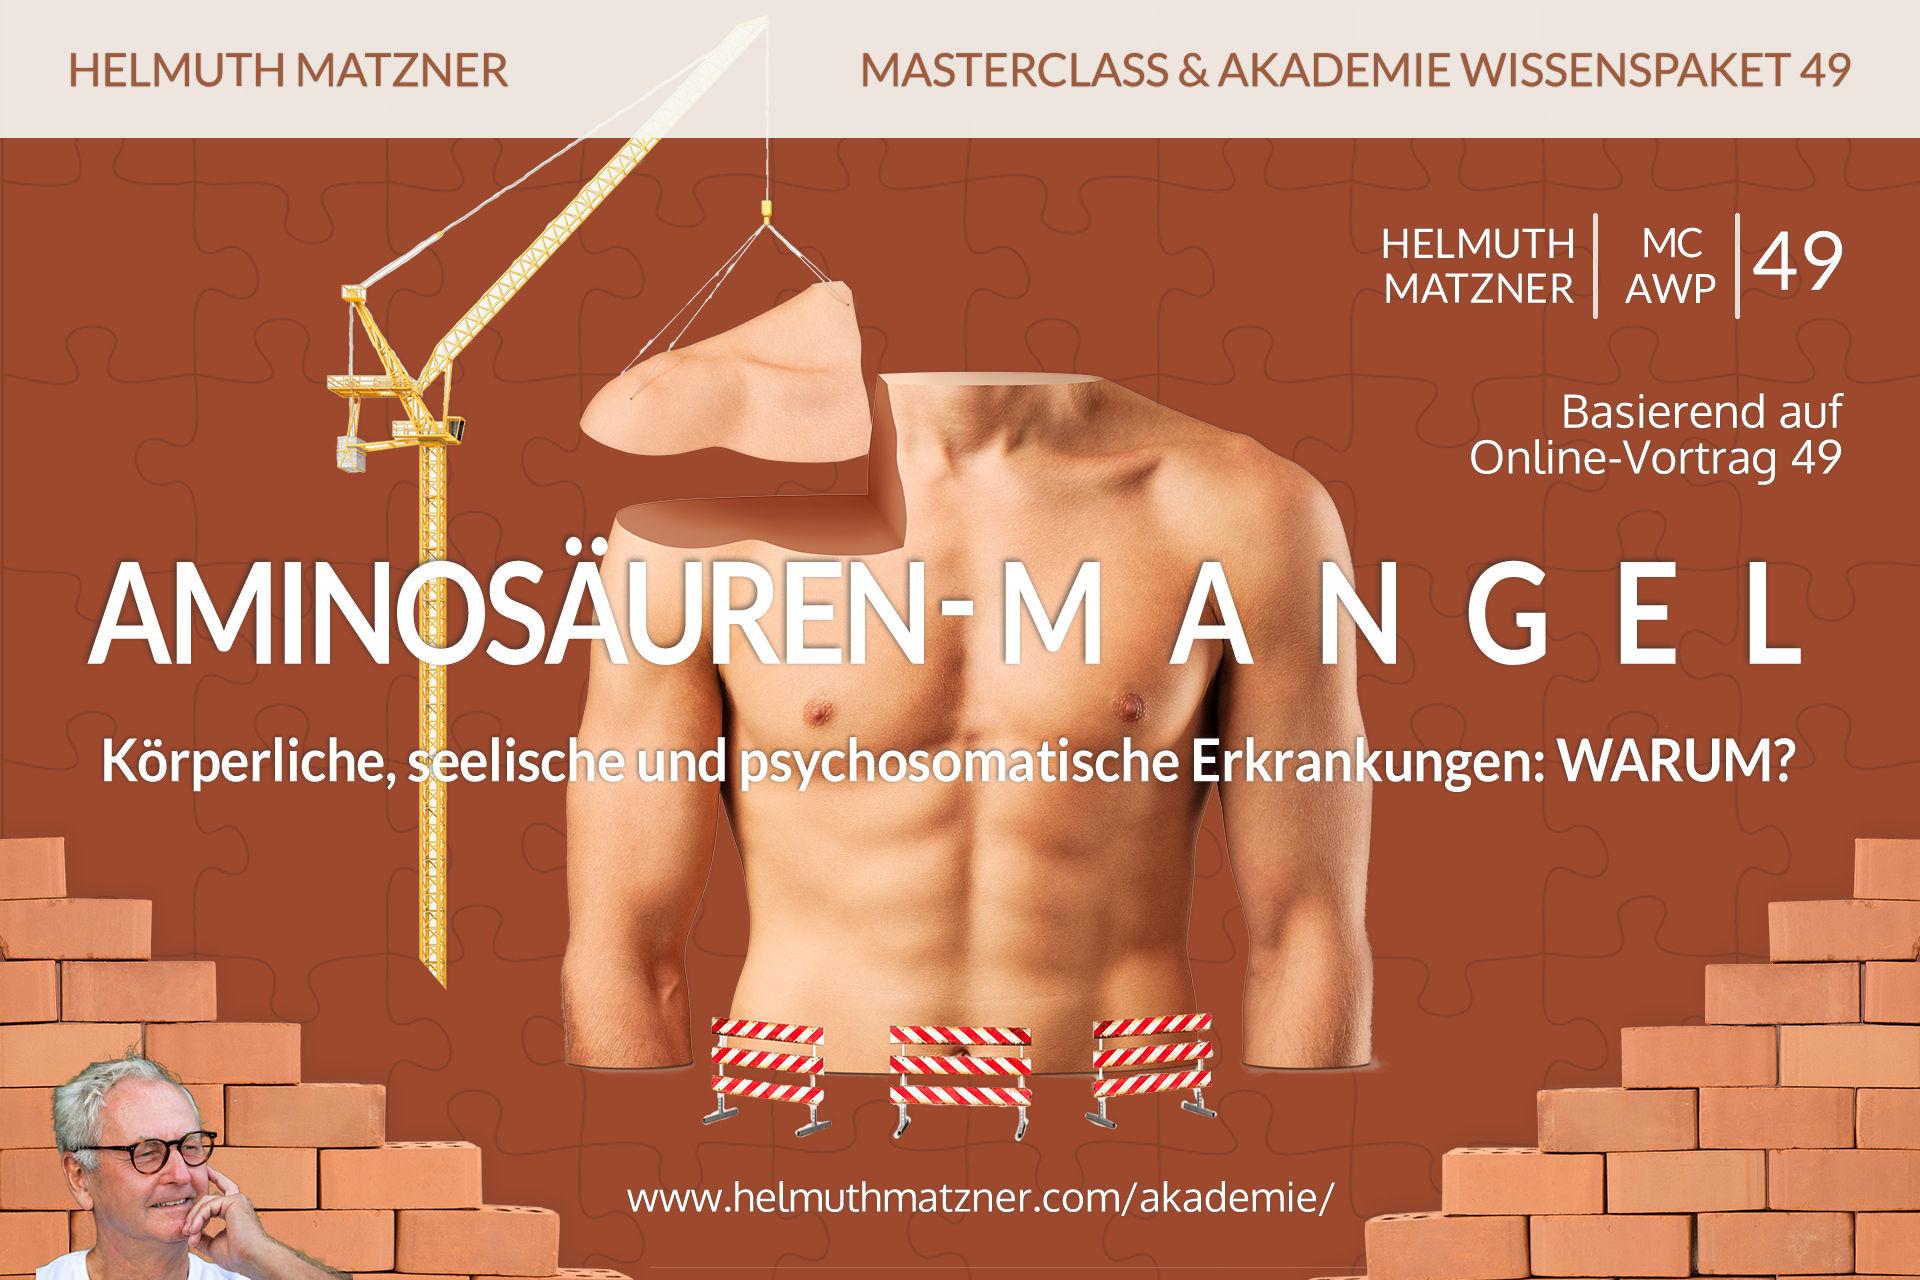 Helmuth Matzner - Masterclass & Akademie Wissenspaket 49 - Aminosäuren-Mangel - Akademie - vMC05D